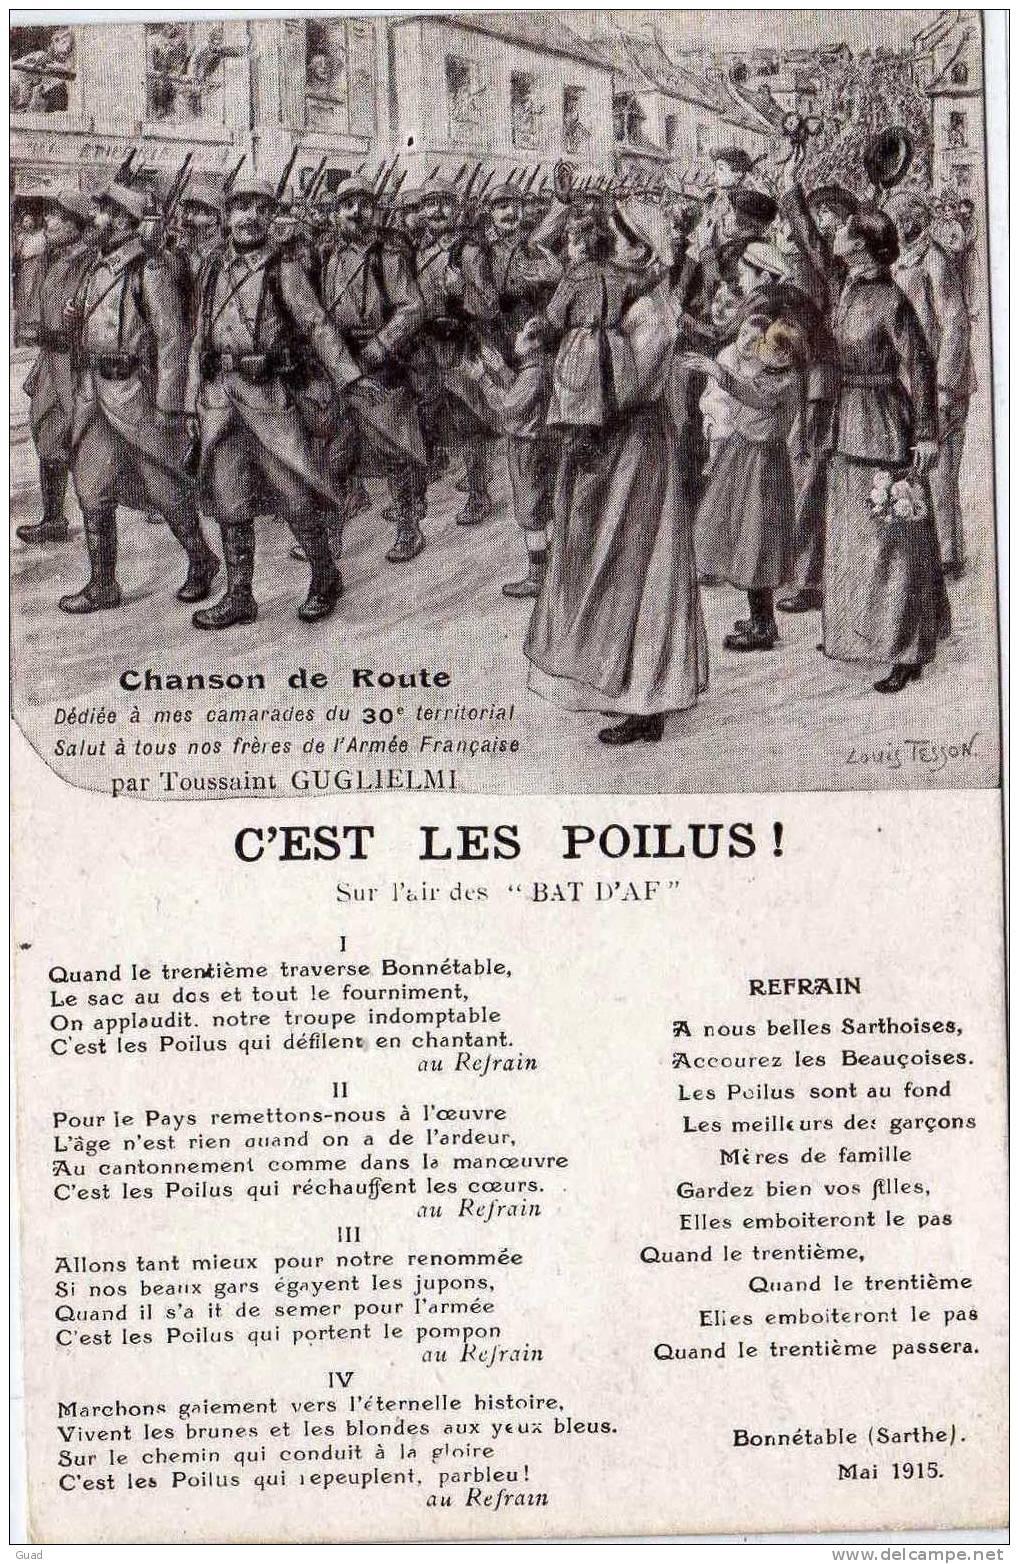 C'EST LES POILUS - CHANSON DE ROUTE - 30° TERRITORIAL - CHARTRES 828_001